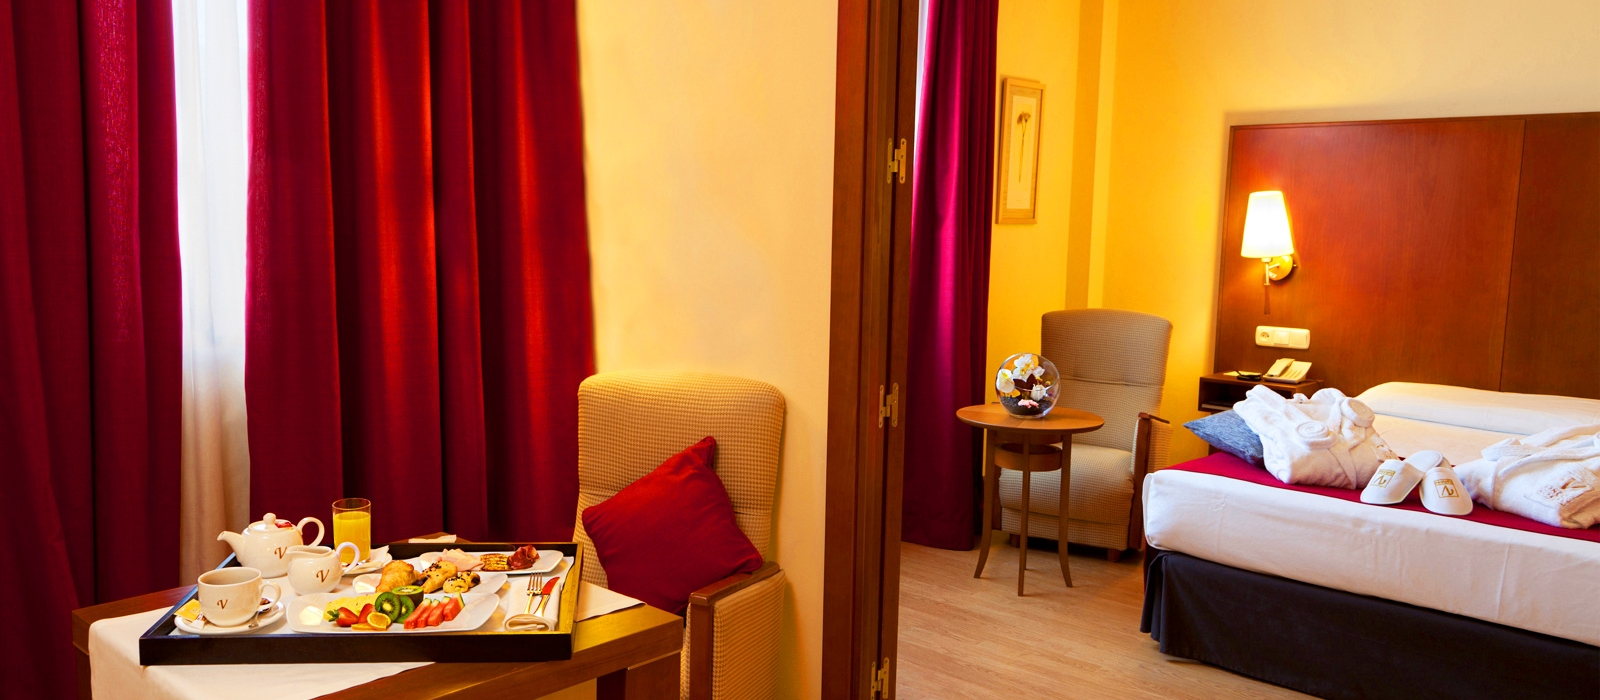 Rooms Hotel Ciudad de Salamanca - Vincci Hotels - Junior Suite